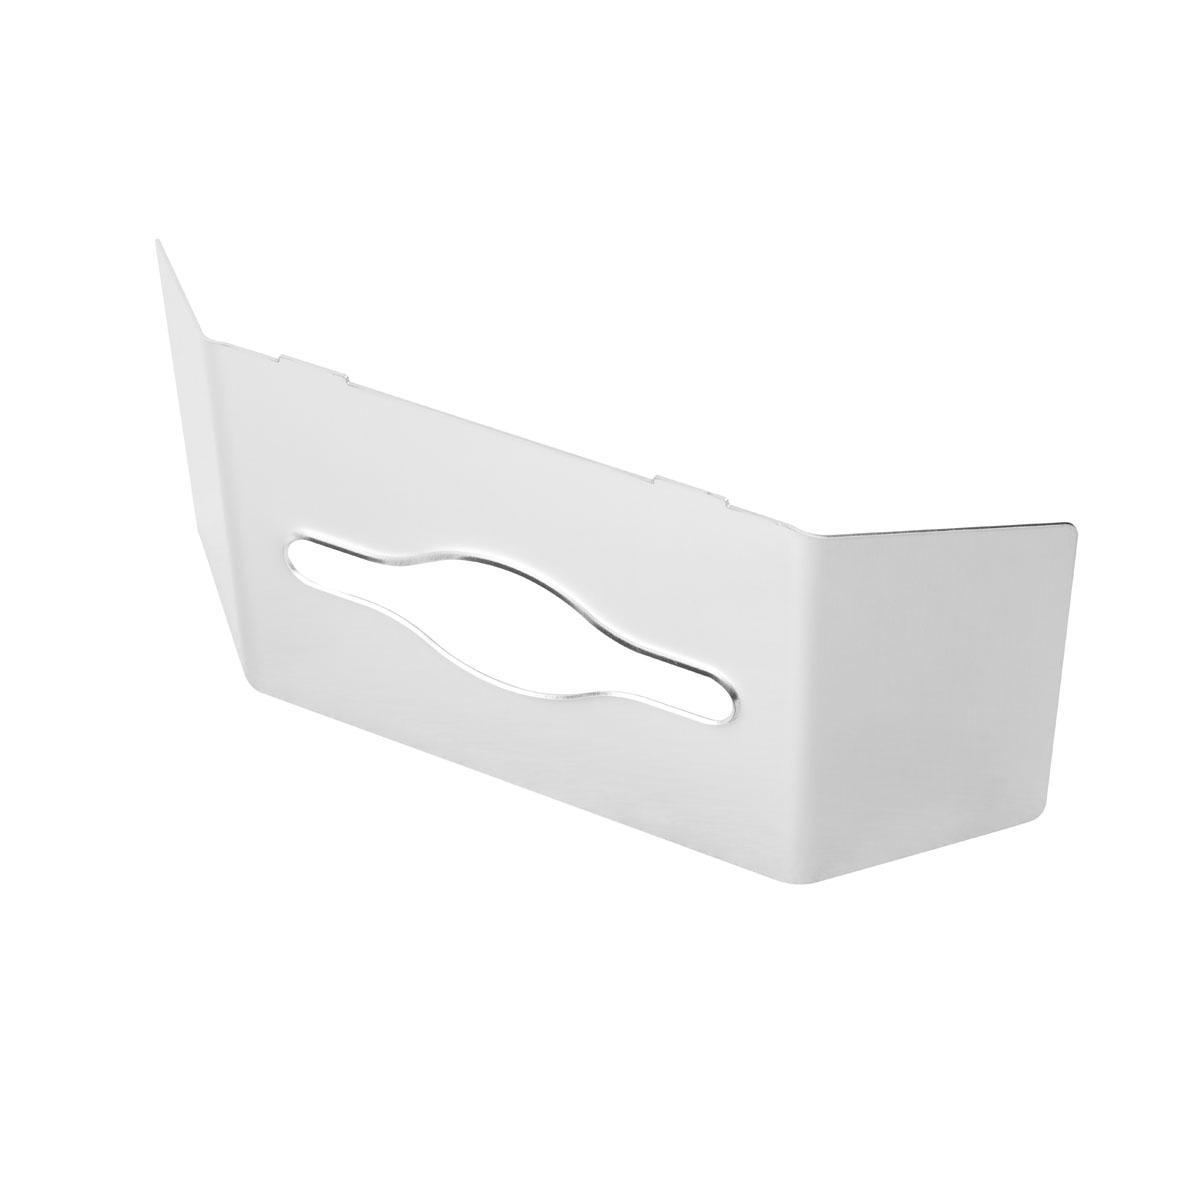 Adapter für Interfold-Papier